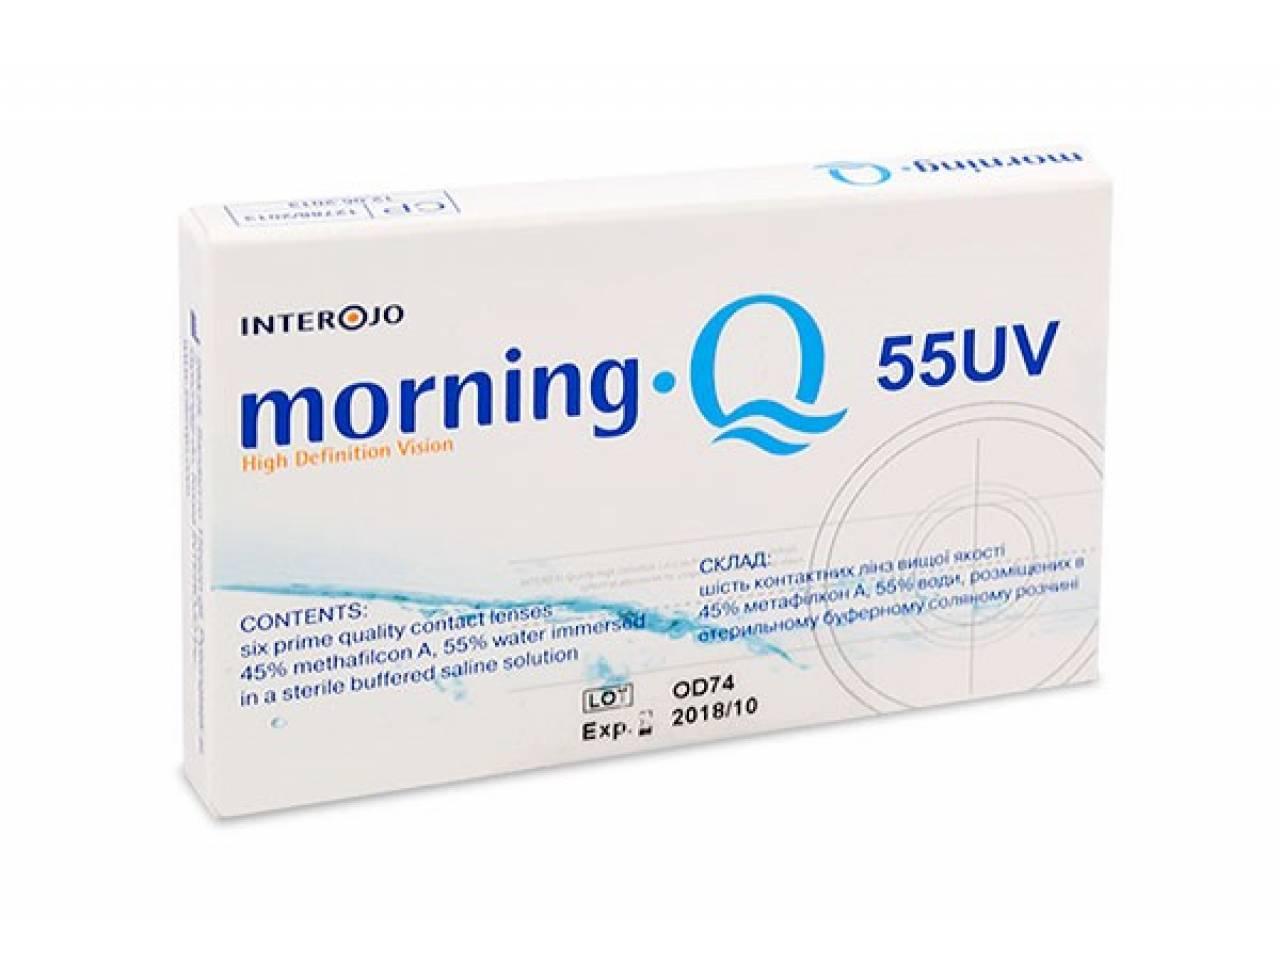 Месячные контактные линзы Interojo Morning Q55 UV